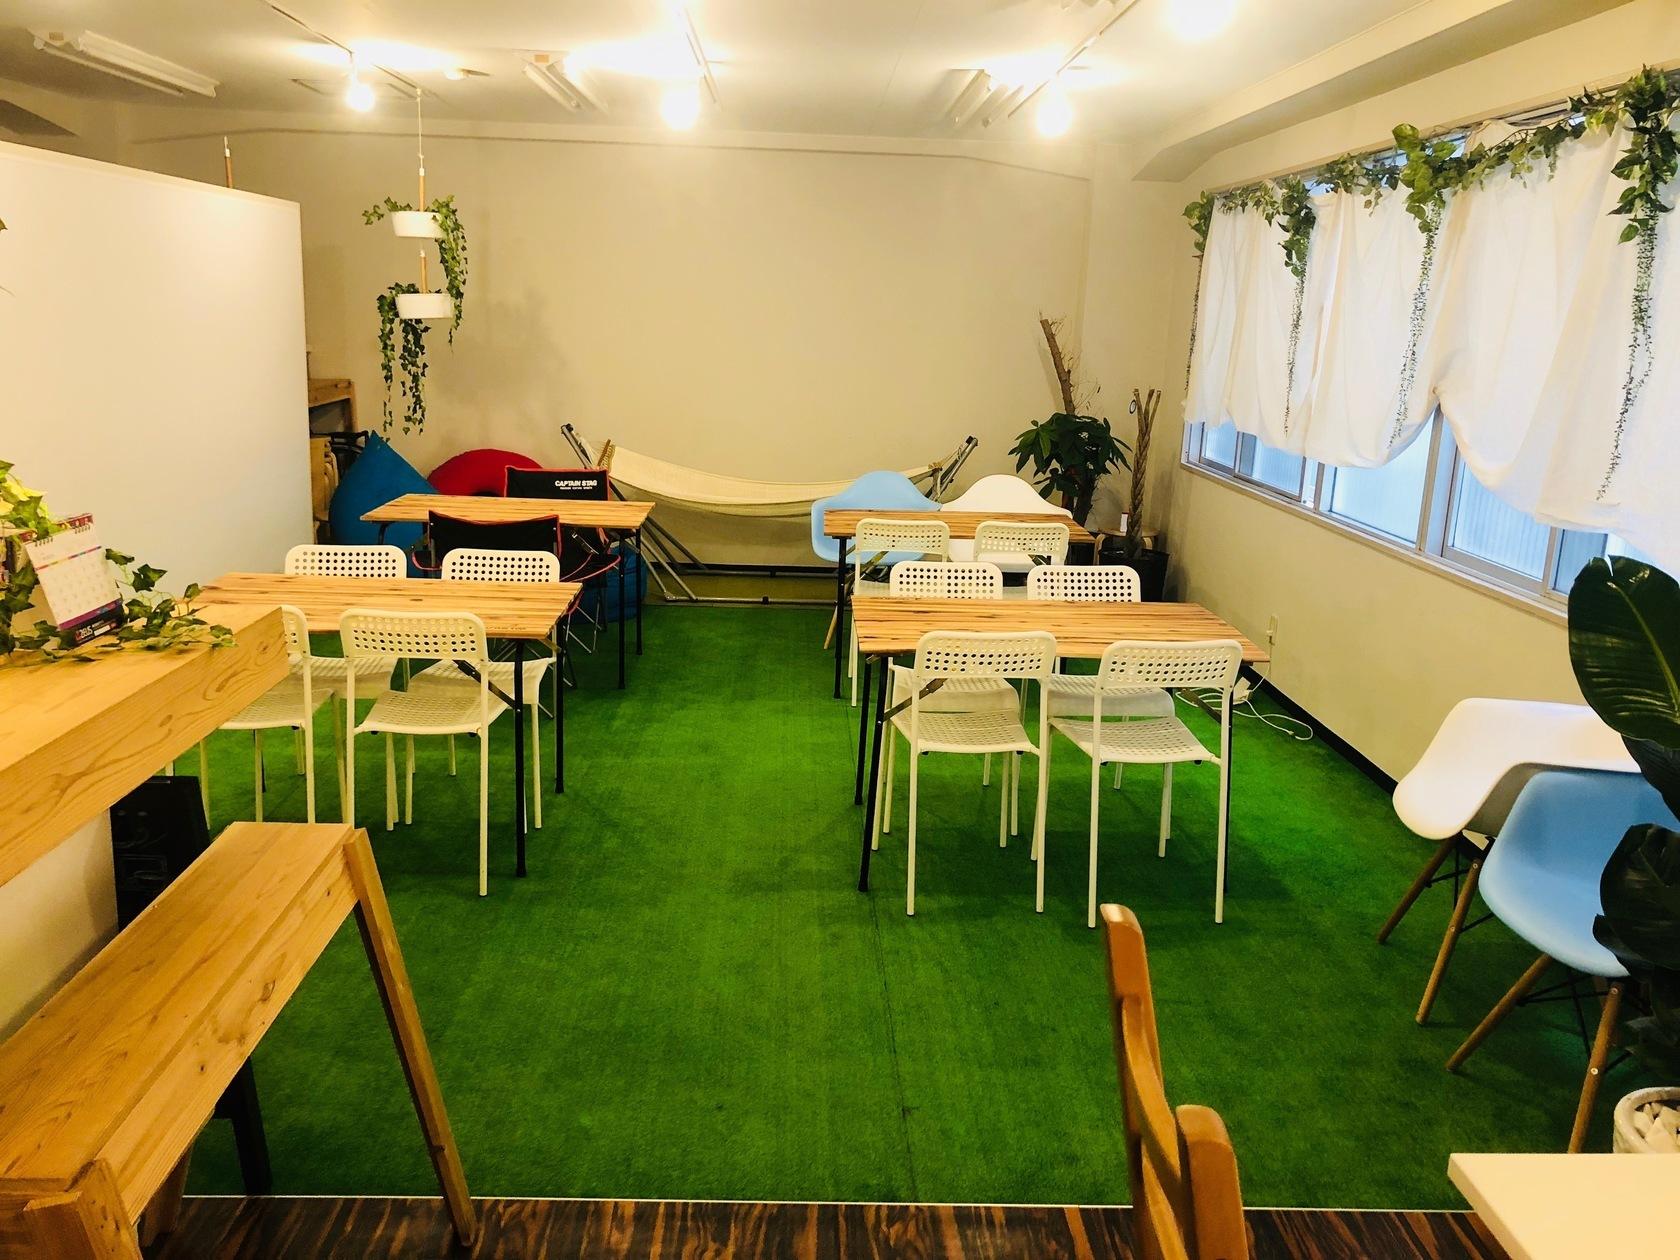 【天満駅・扇町駅すぐ】コワーキングスペースの中にあるカフェの様な癒しのイベントスペース、ケータリングも可能 の写真